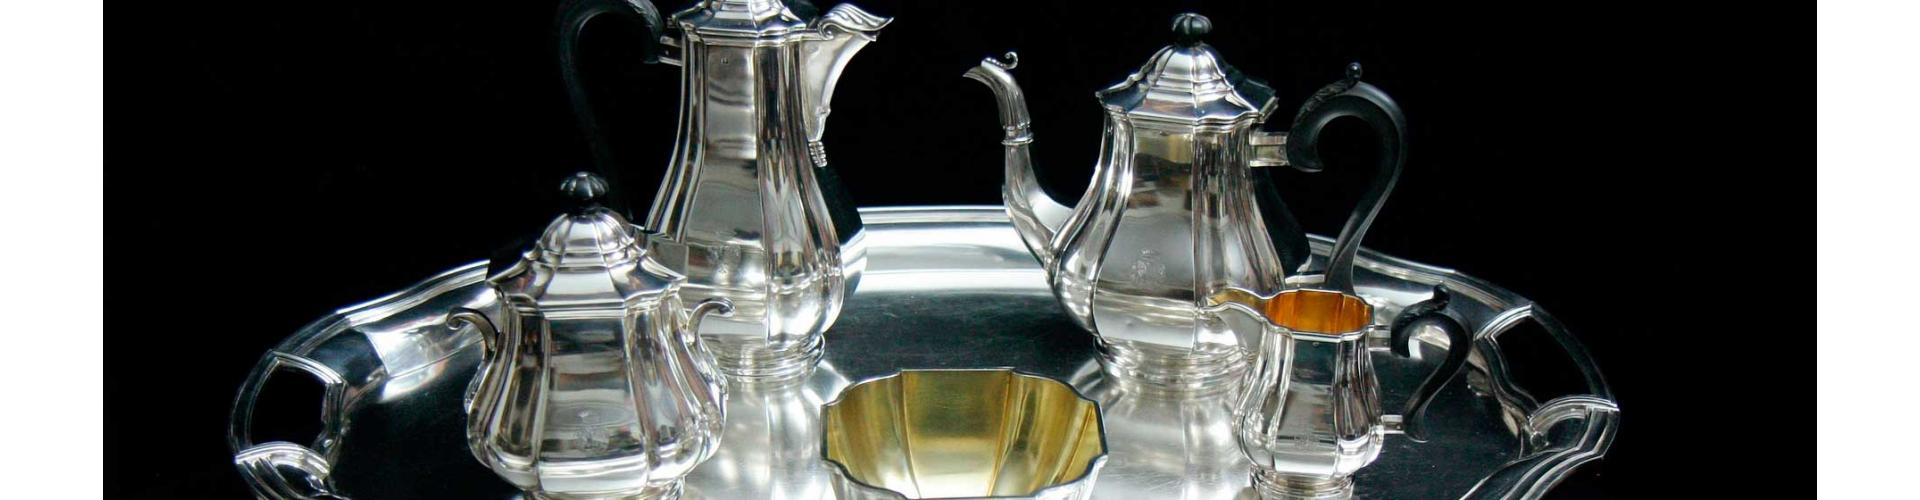 Скупка антикварного серебра